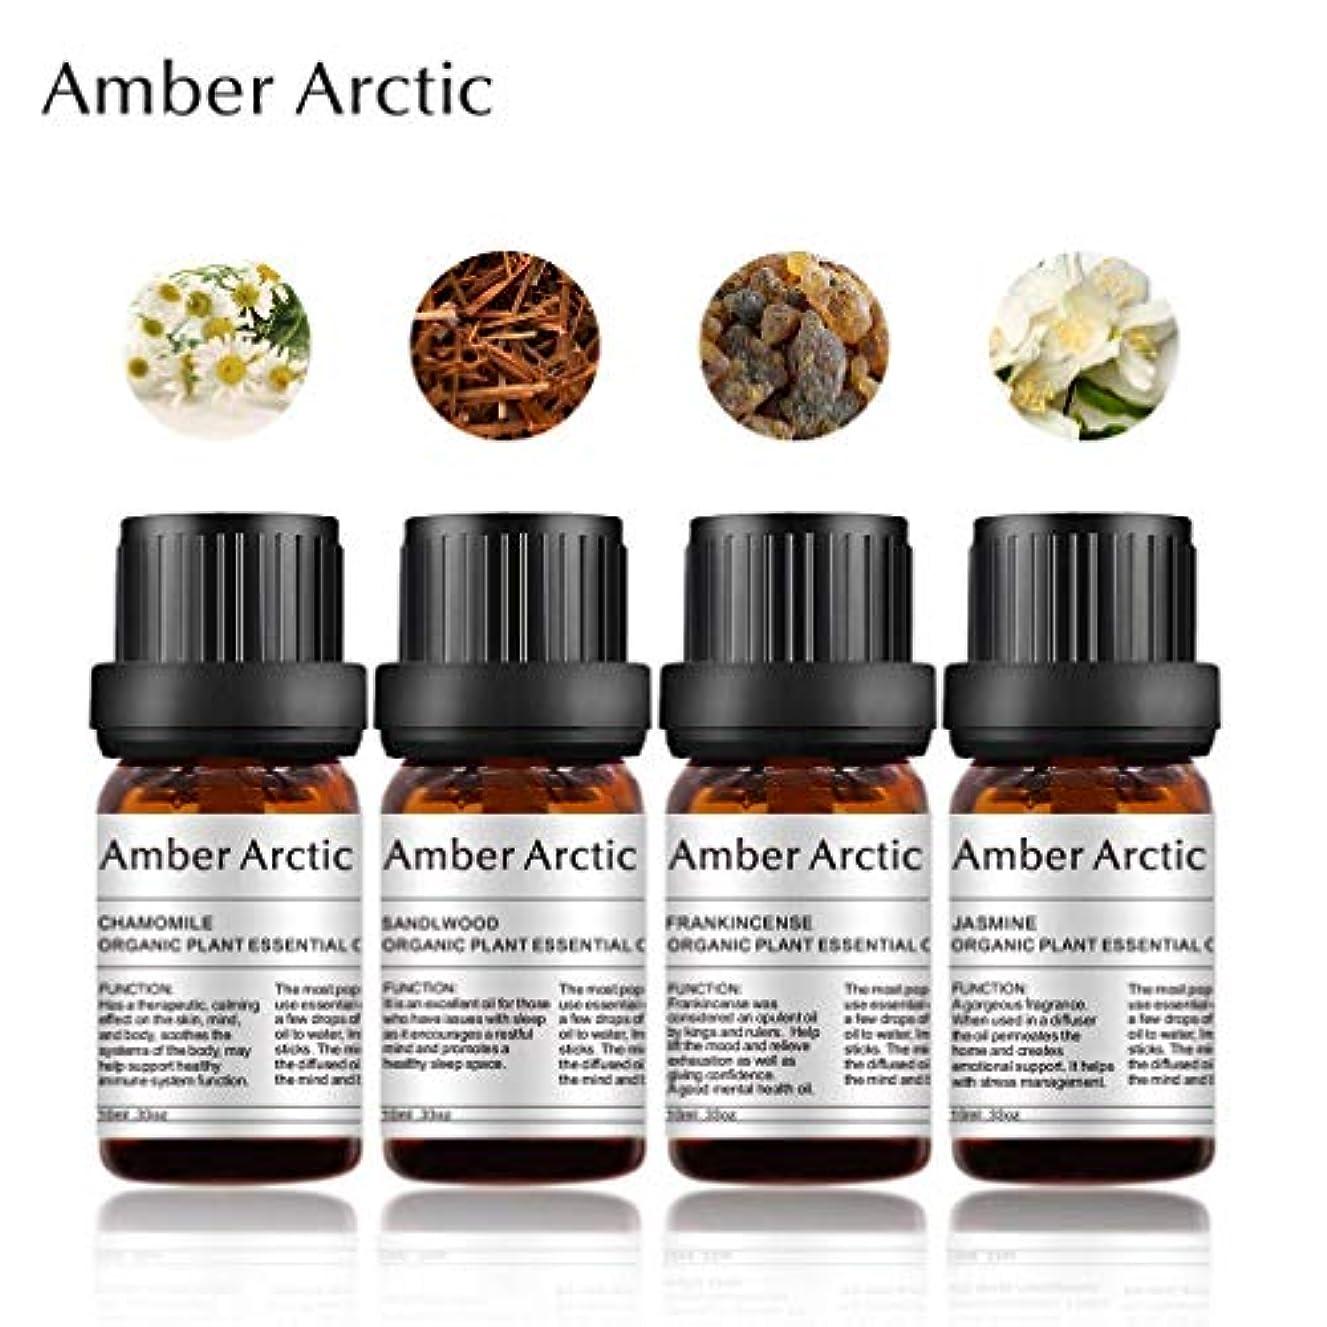 ジャンピングジャック雄弁敵Amber Arctic 4 パック 精油 セット、 100% 純粋 天然 アロマ 最良 治療 グレード エッセンシャル オイル (ジャスミン、 カモミール、 サンダルウッド、 フランキンセンス)